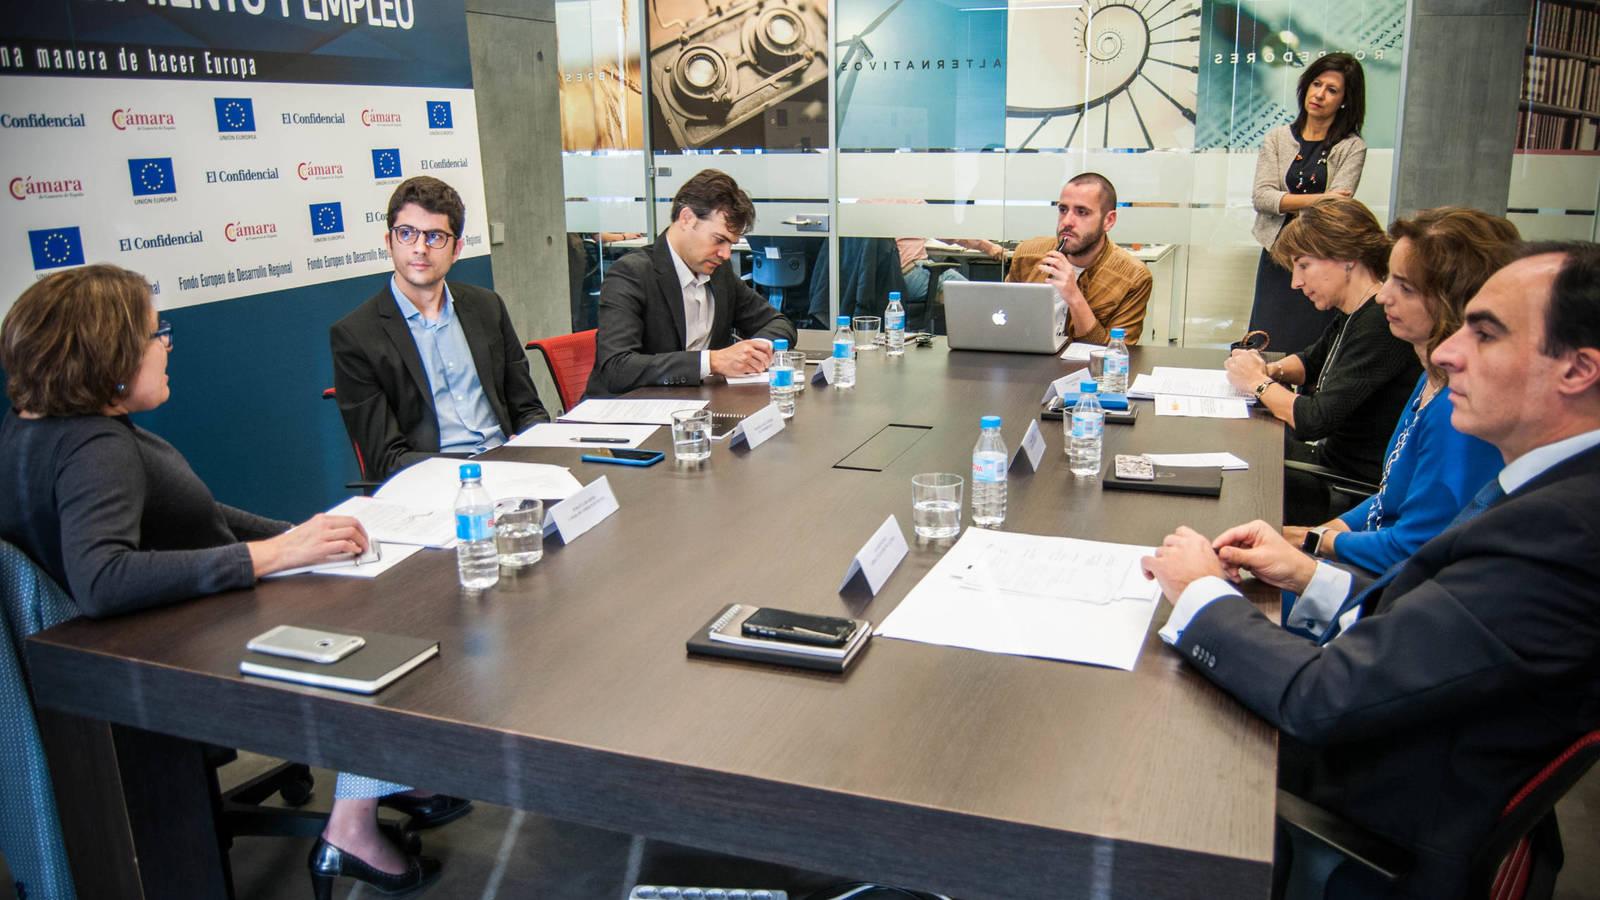 VÌDEO: 8 de cada 10 PyMEs españolas buscan la transformación digital